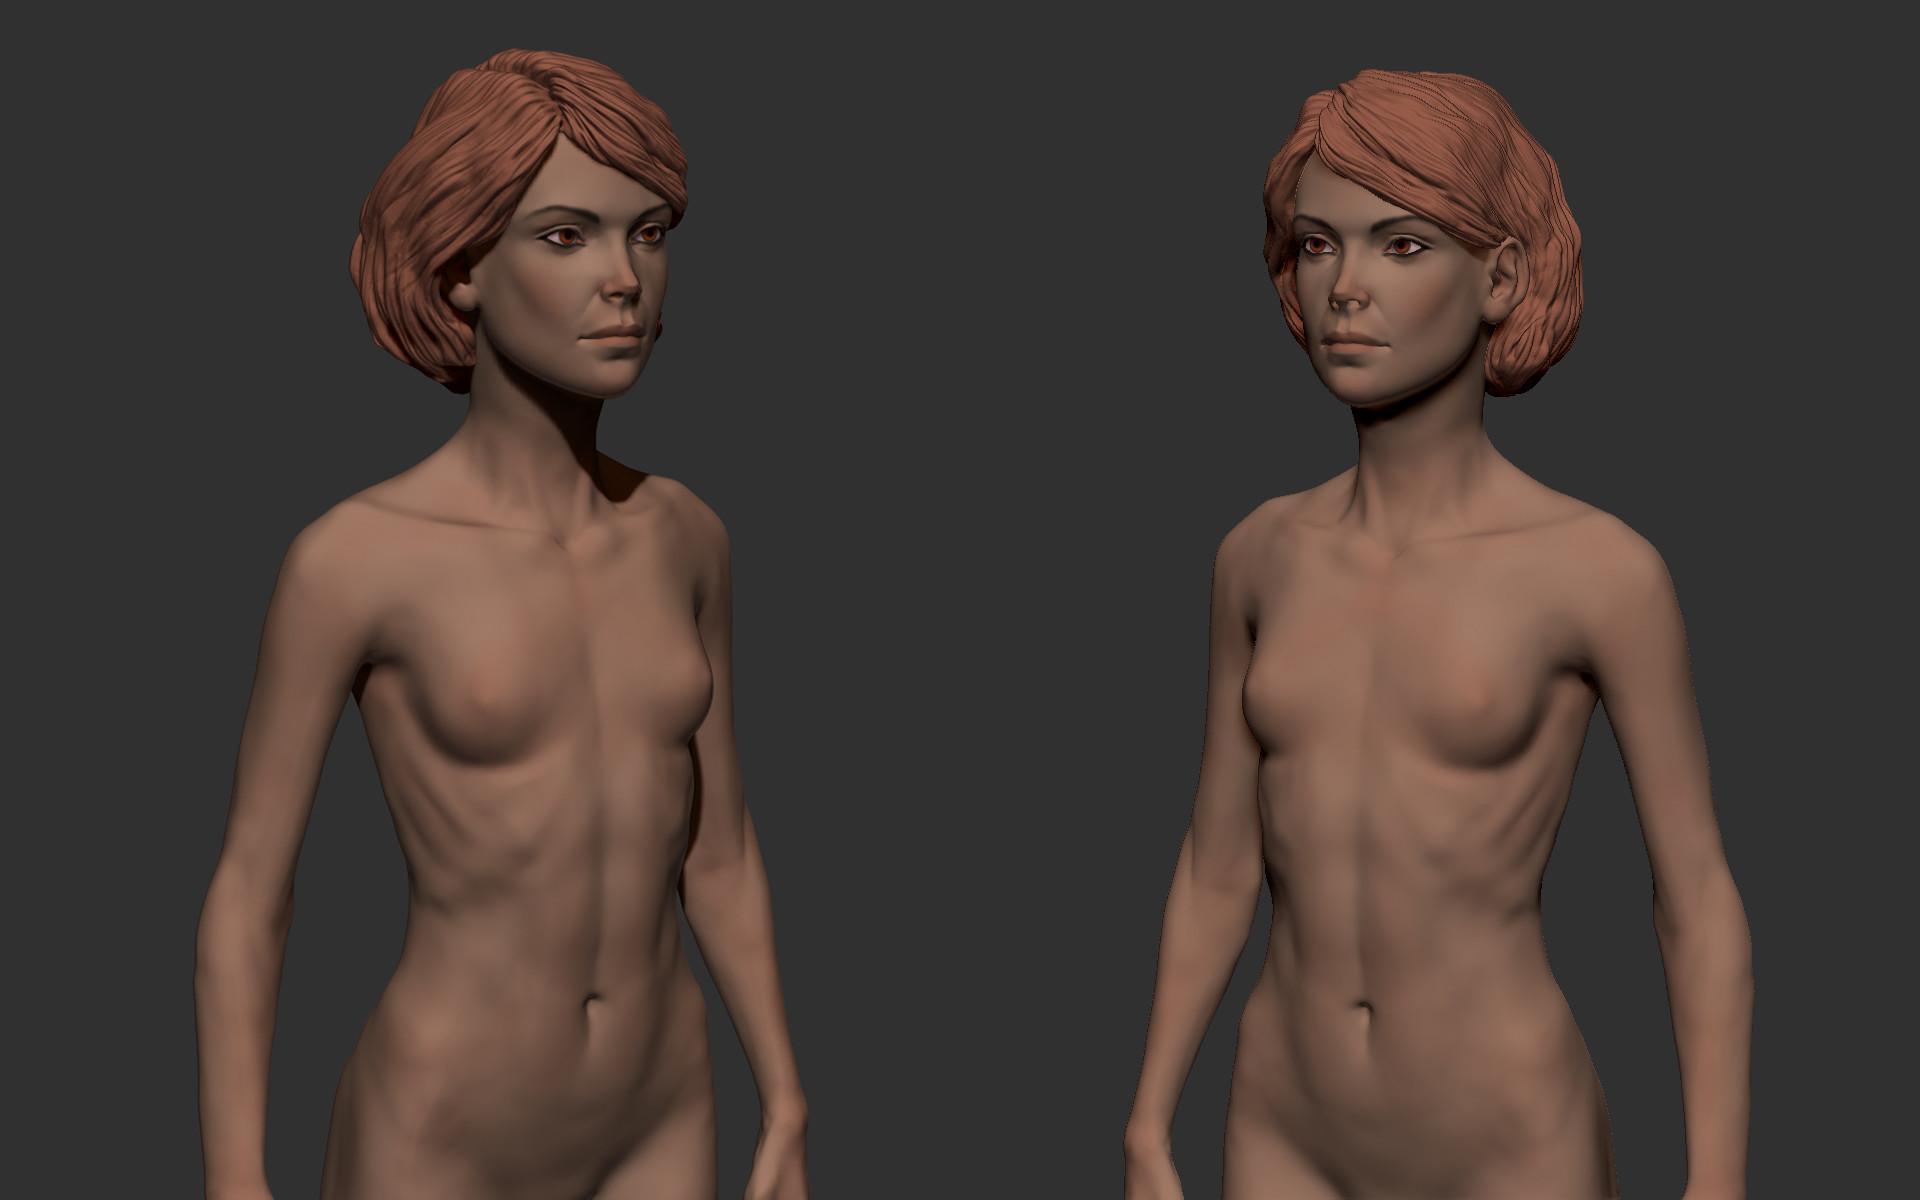 Ilhan yilmaz female anatomy study 02